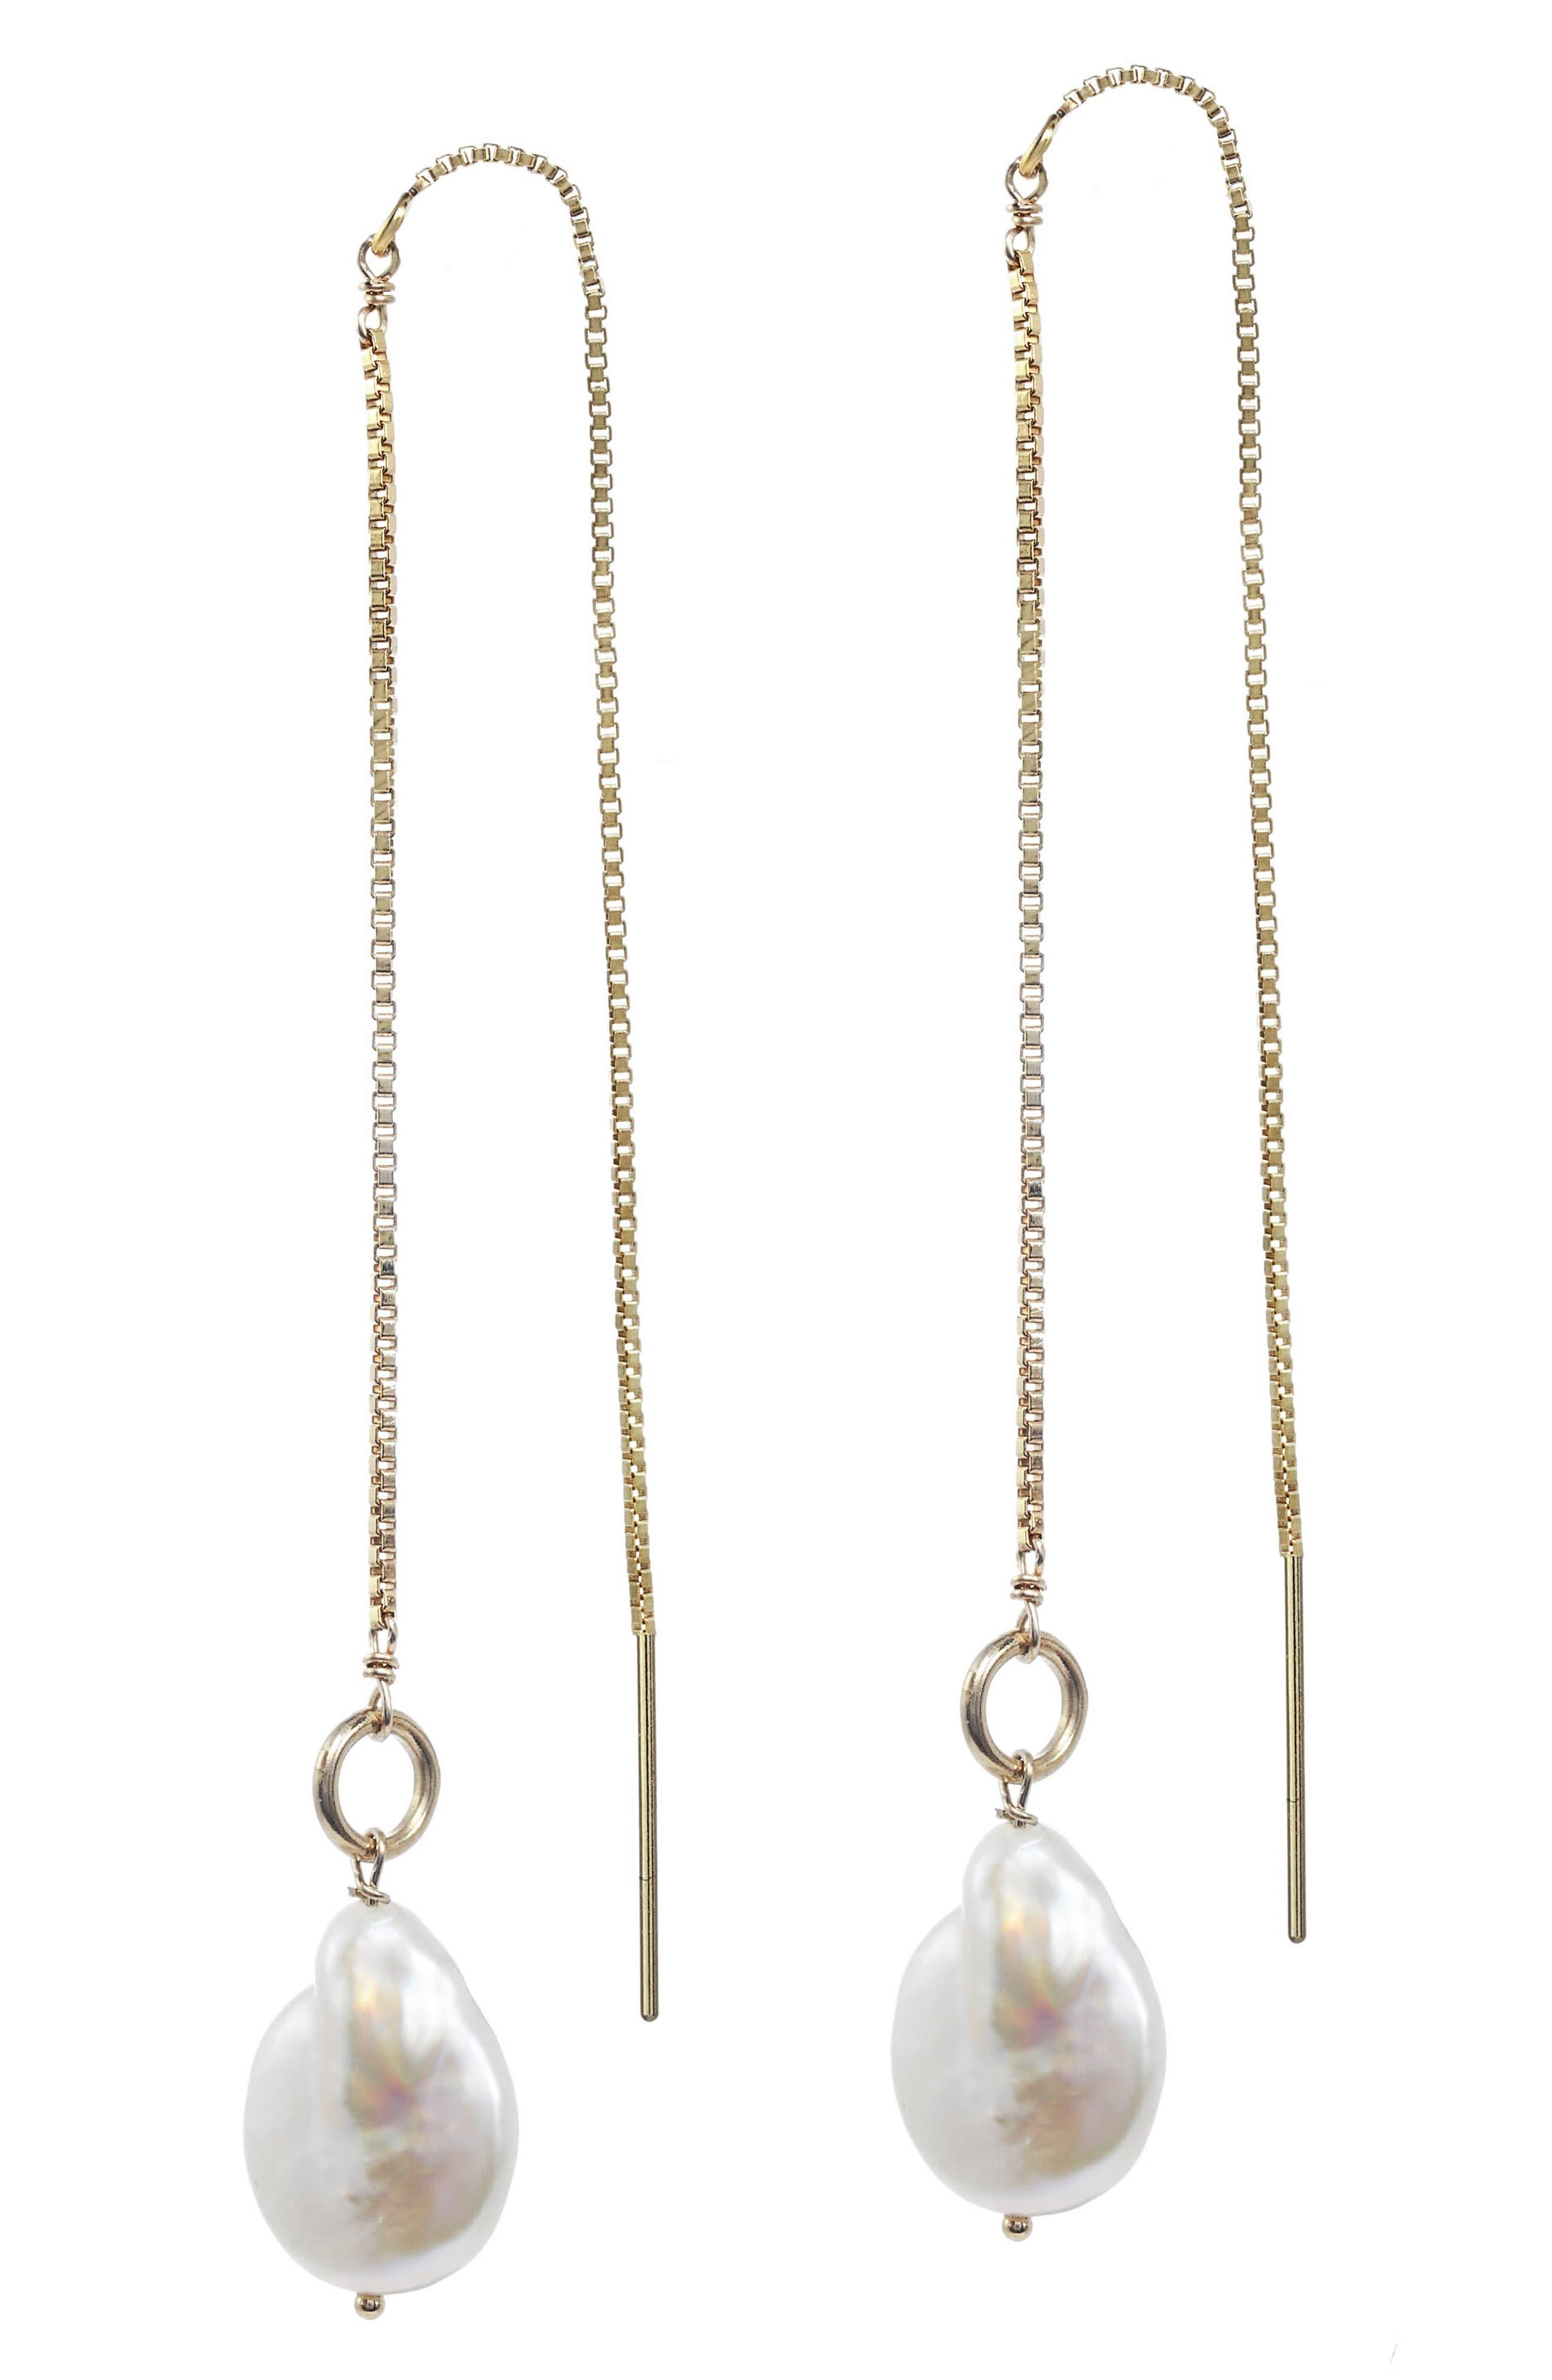 Genesis Threader Earrings